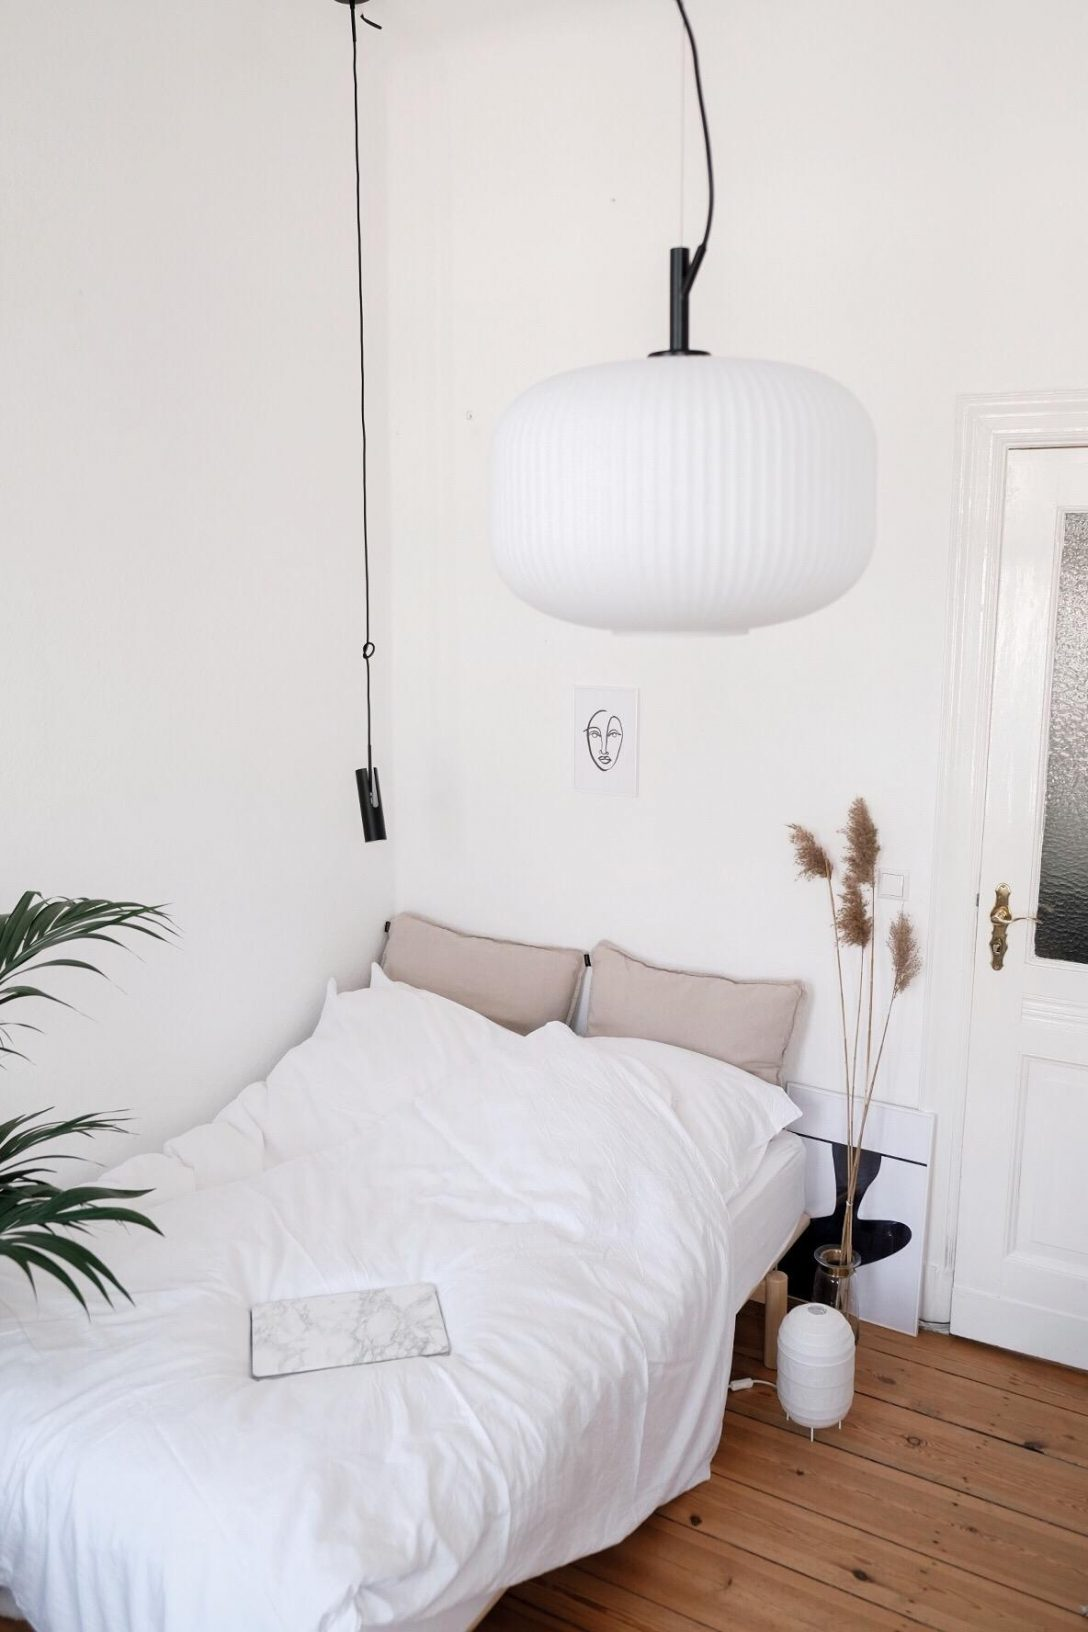 Large Size of Deckenleuchte Schlafzimmer Ikea Lampe Pinterest Deckenlampe Modern Holz Led Skandinavisch Dimmbar Deckenleuchten Tipps Und Wohnideen Aus Der Community Schlafzimmer Deckenlampe Schlafzimmer